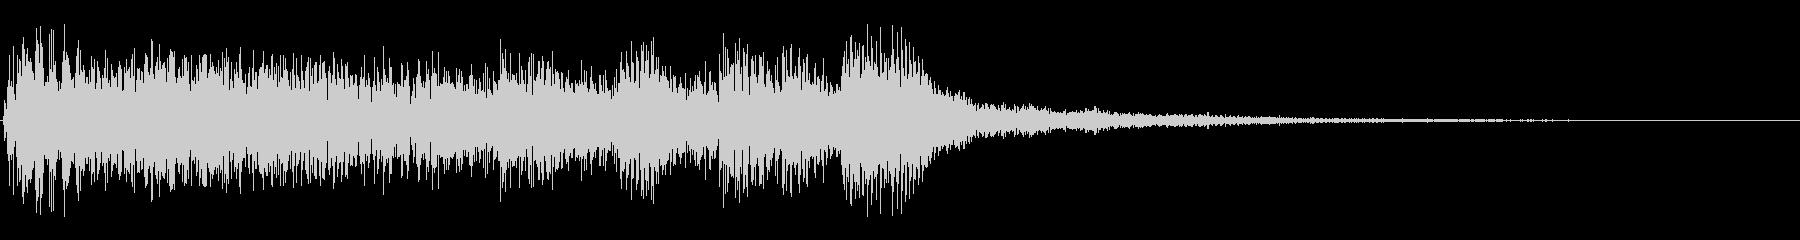 オーケストラダークサスペンスアクセントの未再生の波形